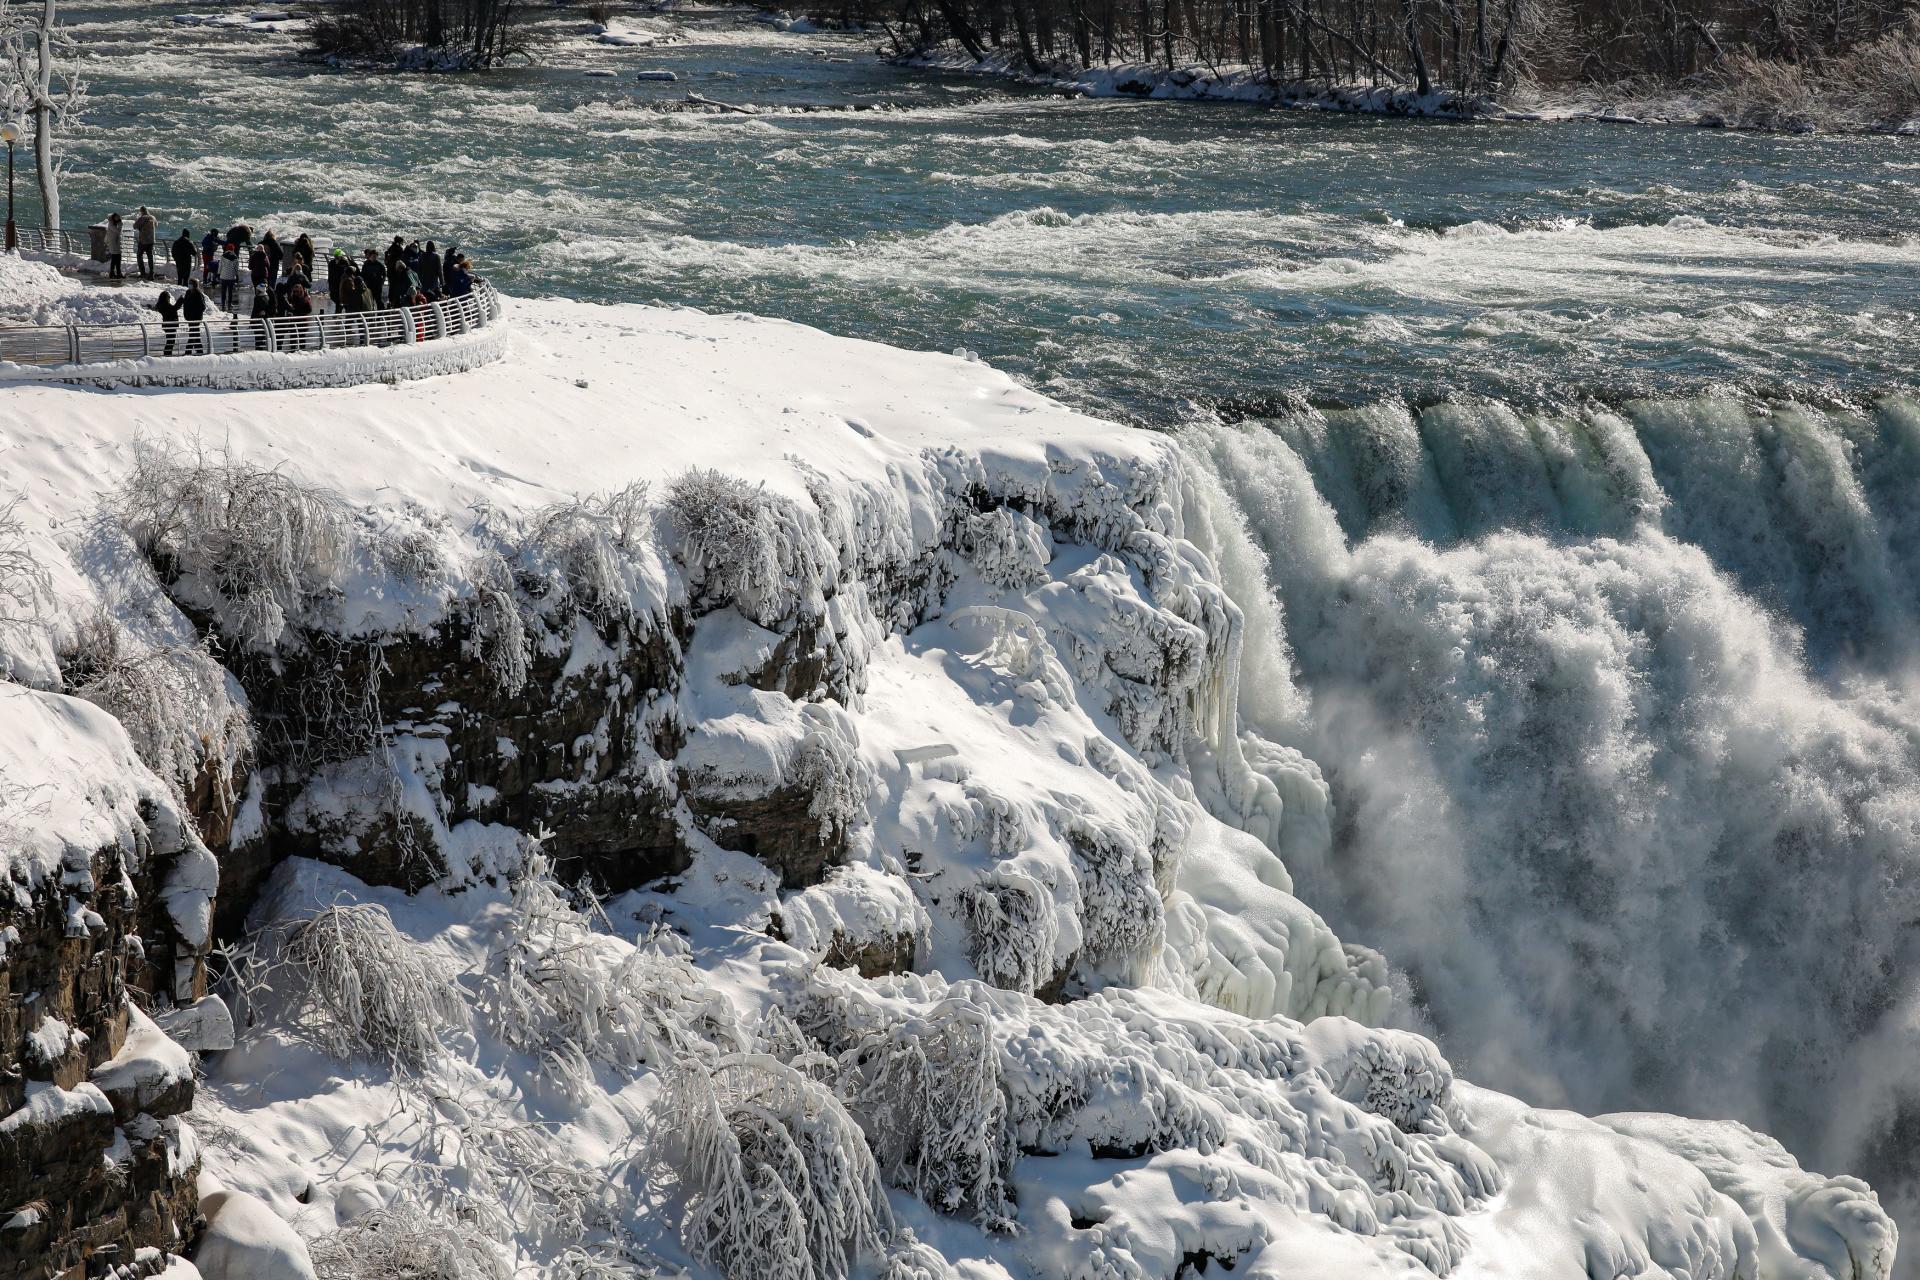 American Niagara Falls, EE. UU., 21 de febrero de 2021.